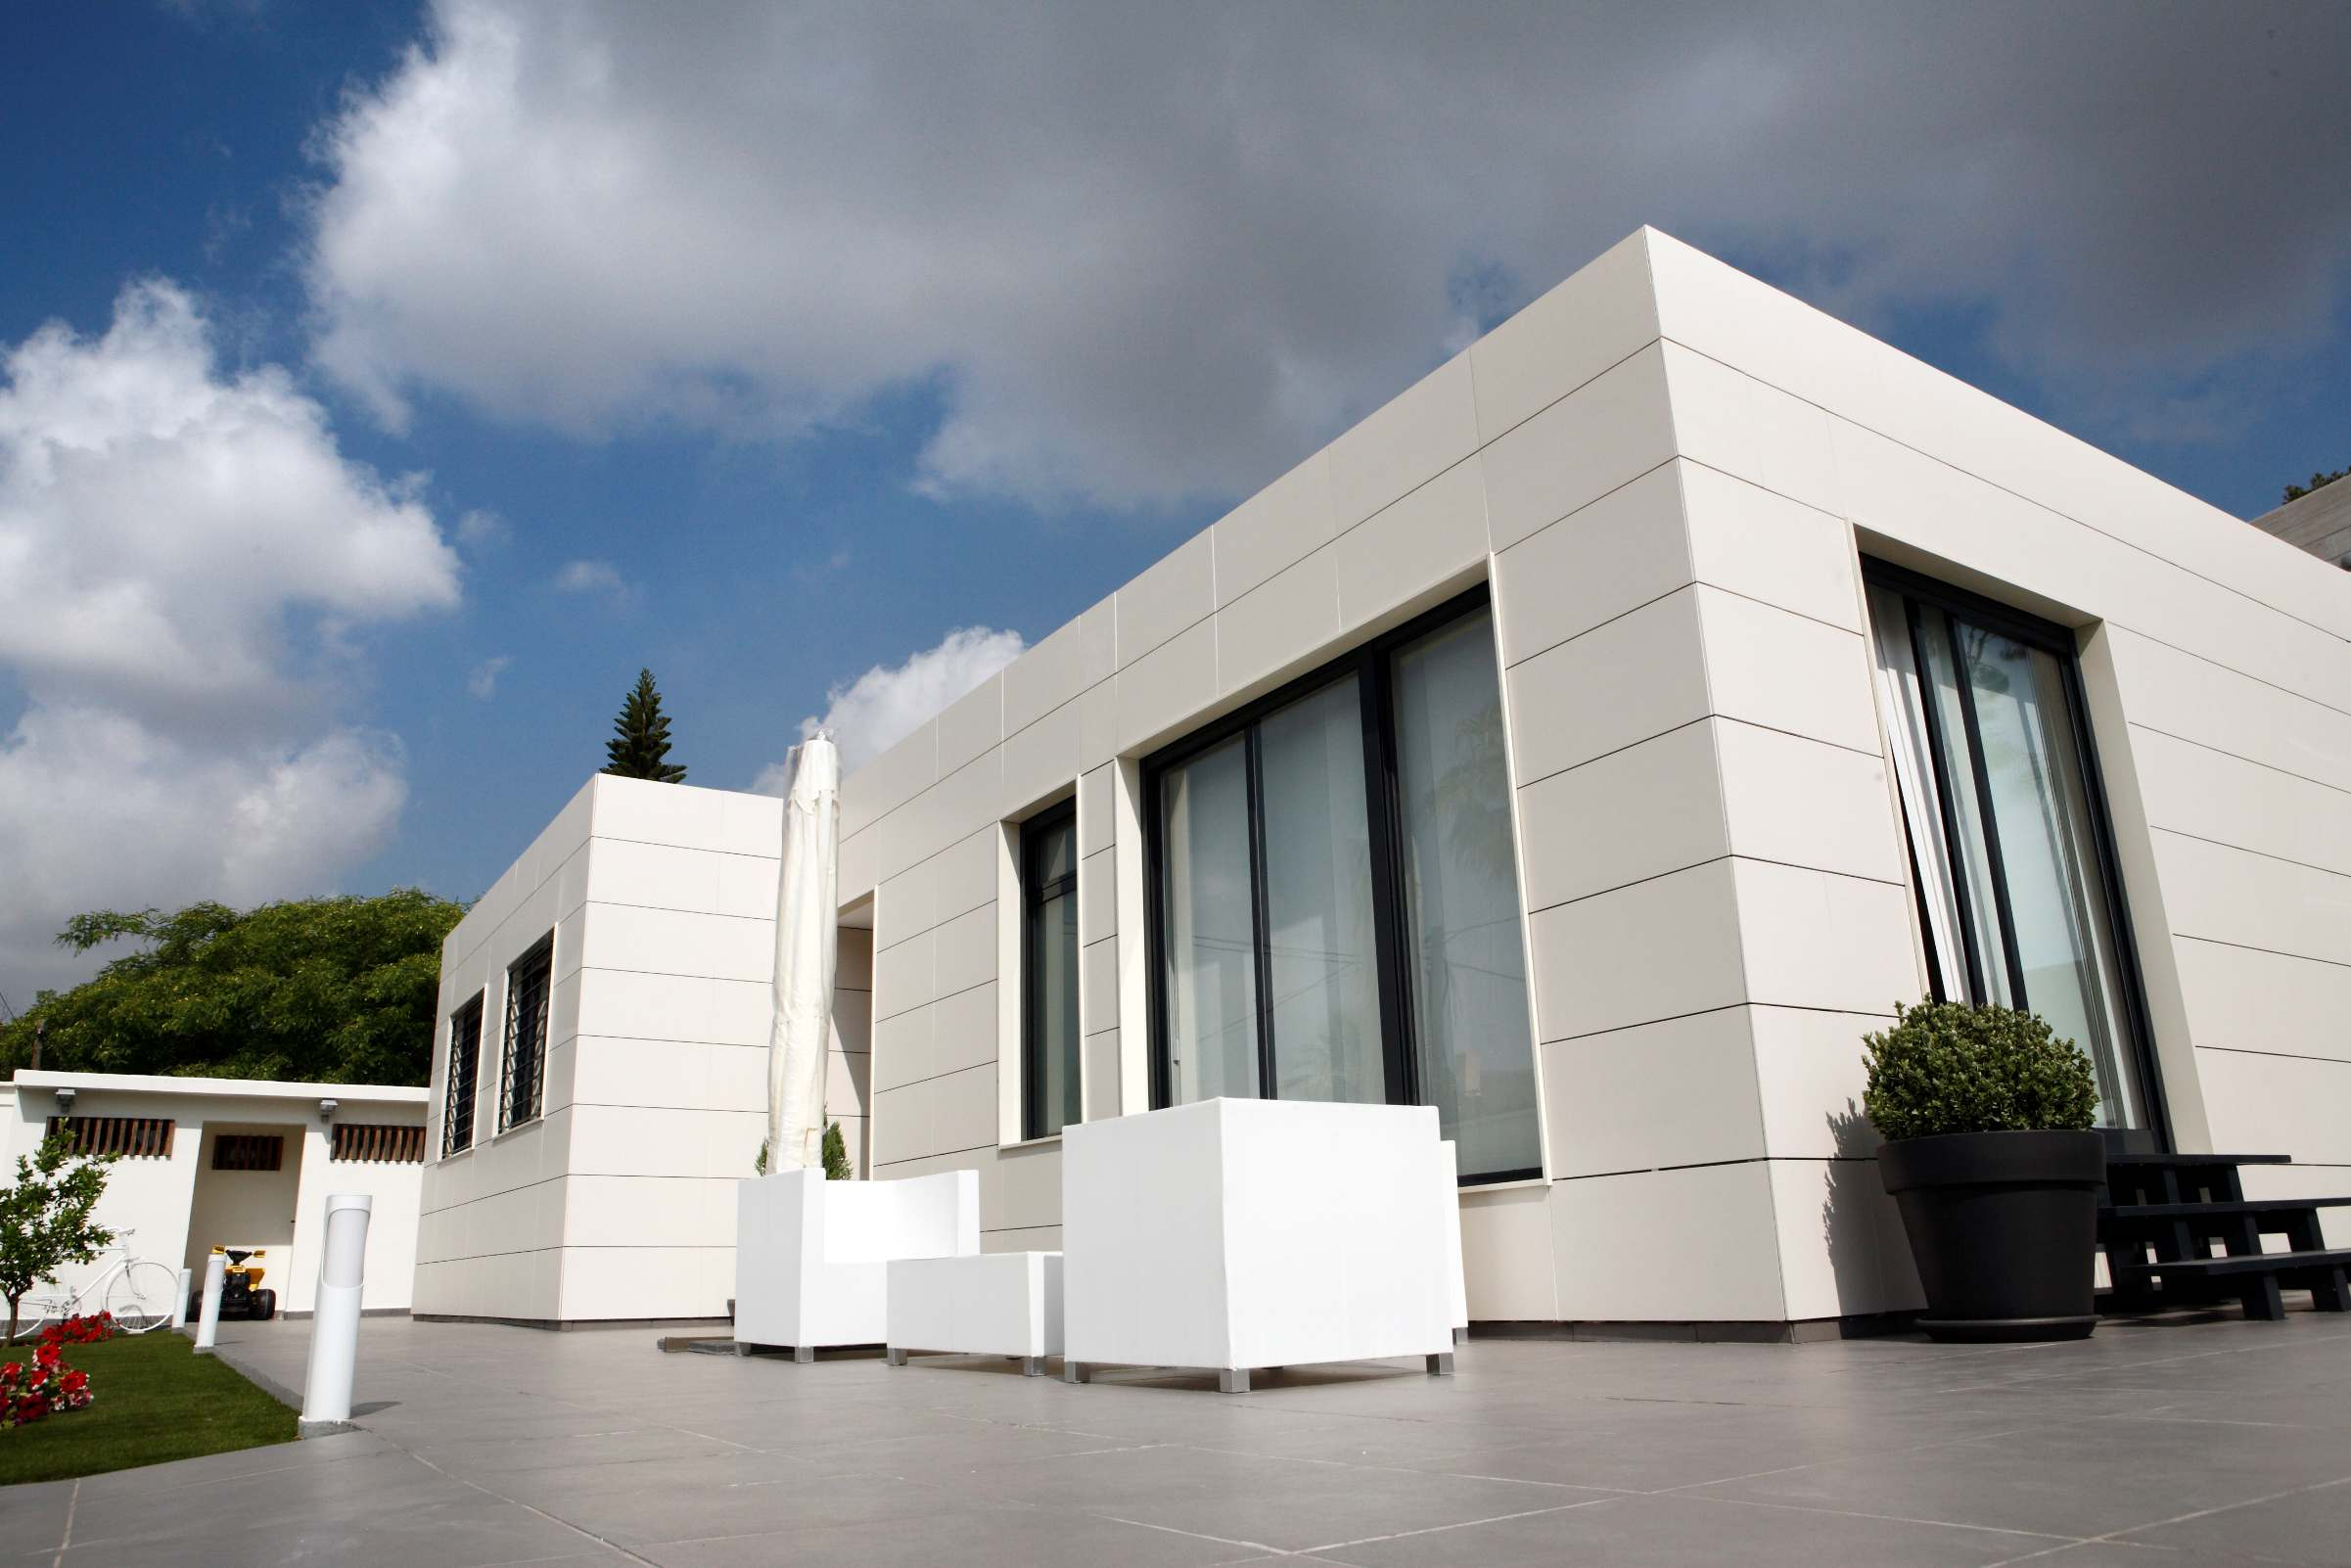 detalle exterior de casas vitale loft